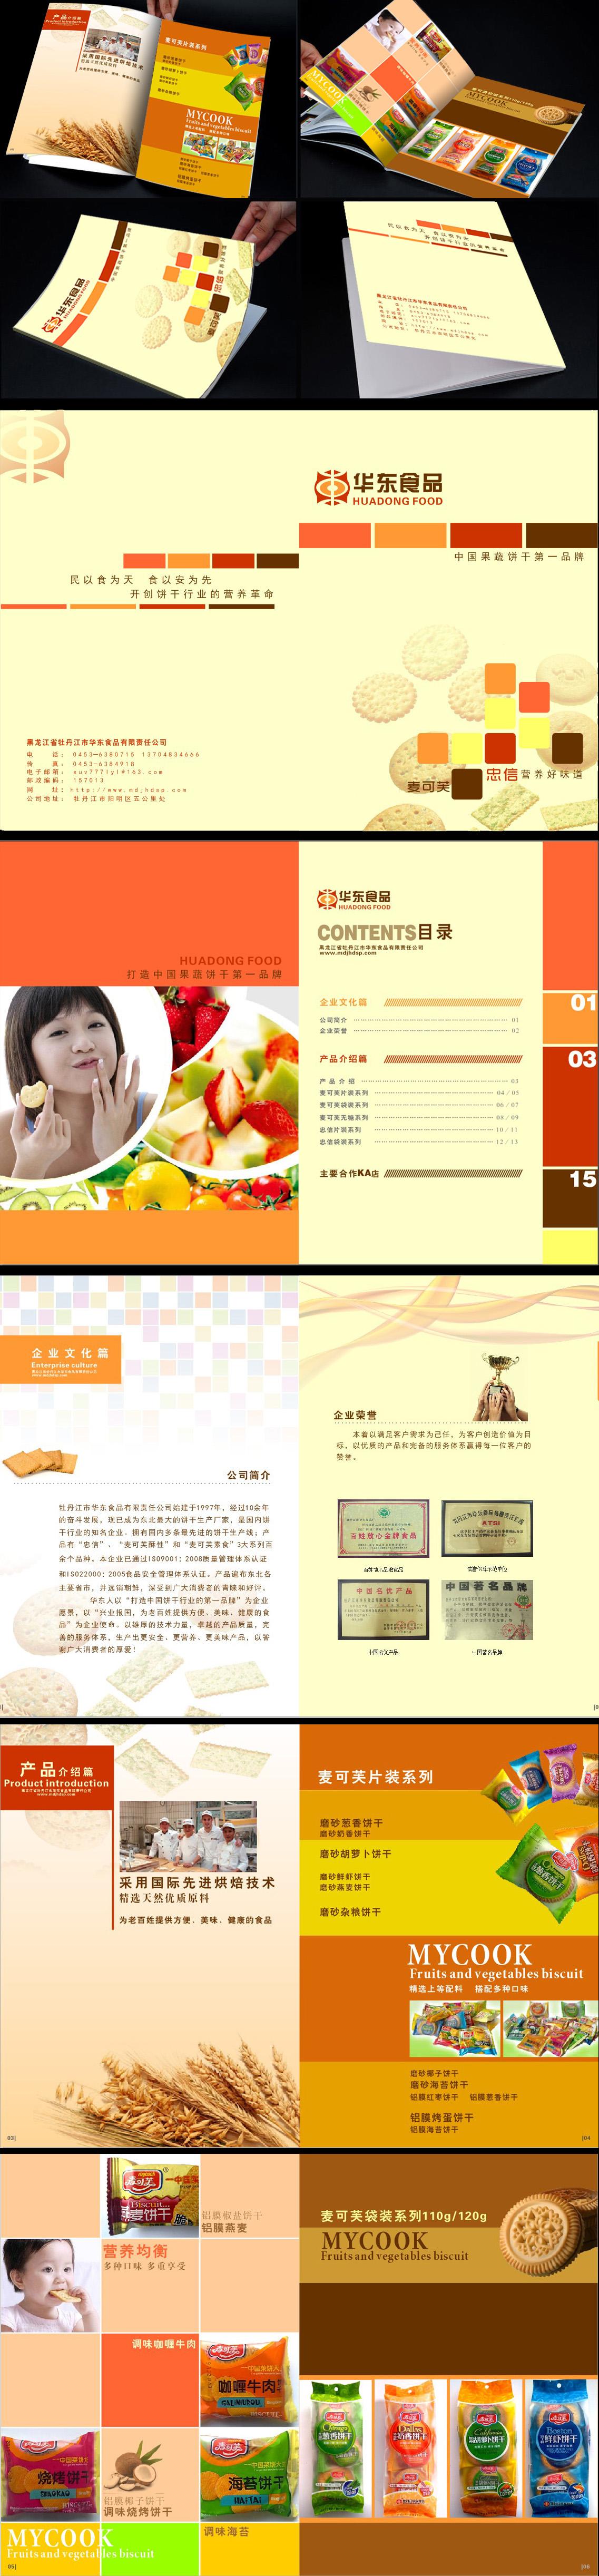 食品行业宣传画册